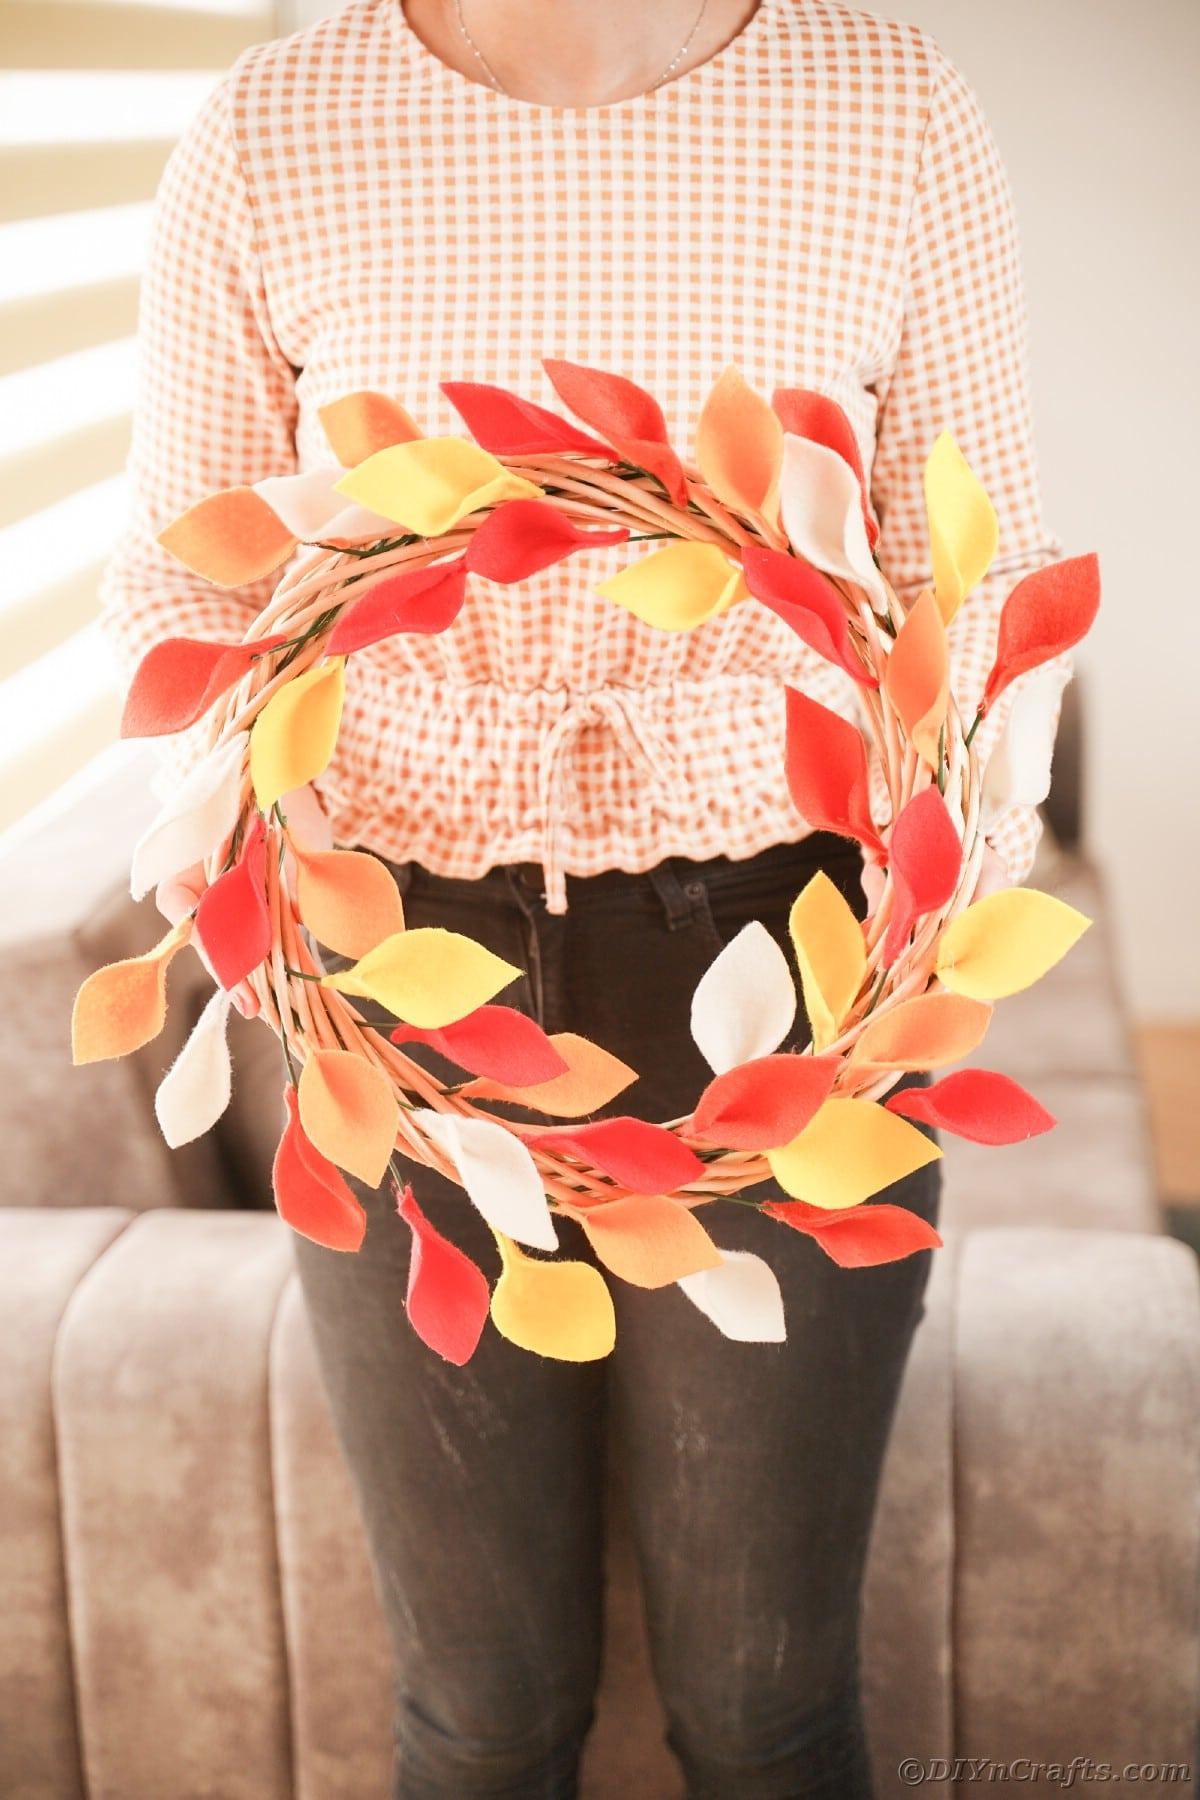 Mulher segurando uma coroa de folhas coloridas